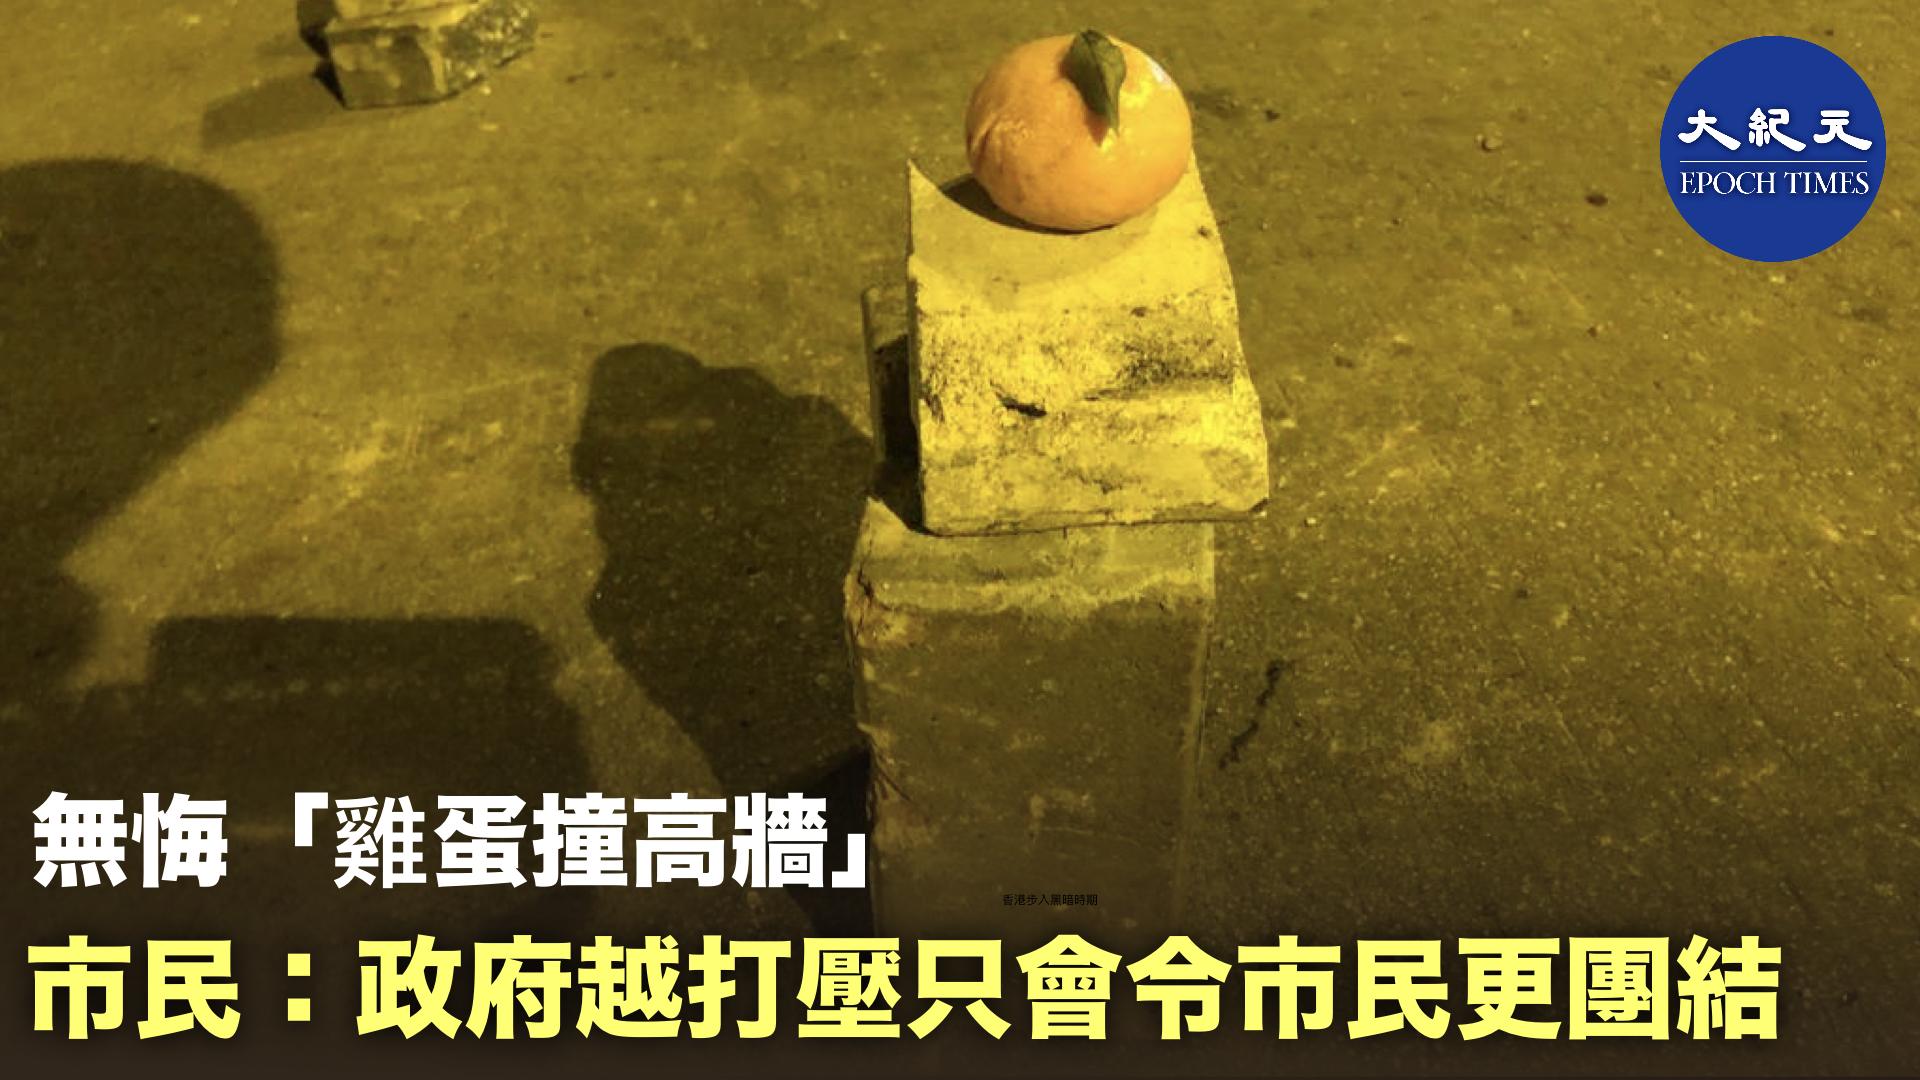 【11.14旺角之夜】無悔「雞蛋撞高牆」市民:政府越打壓只會令市民更團結。(葉依帆 / 大紀元)